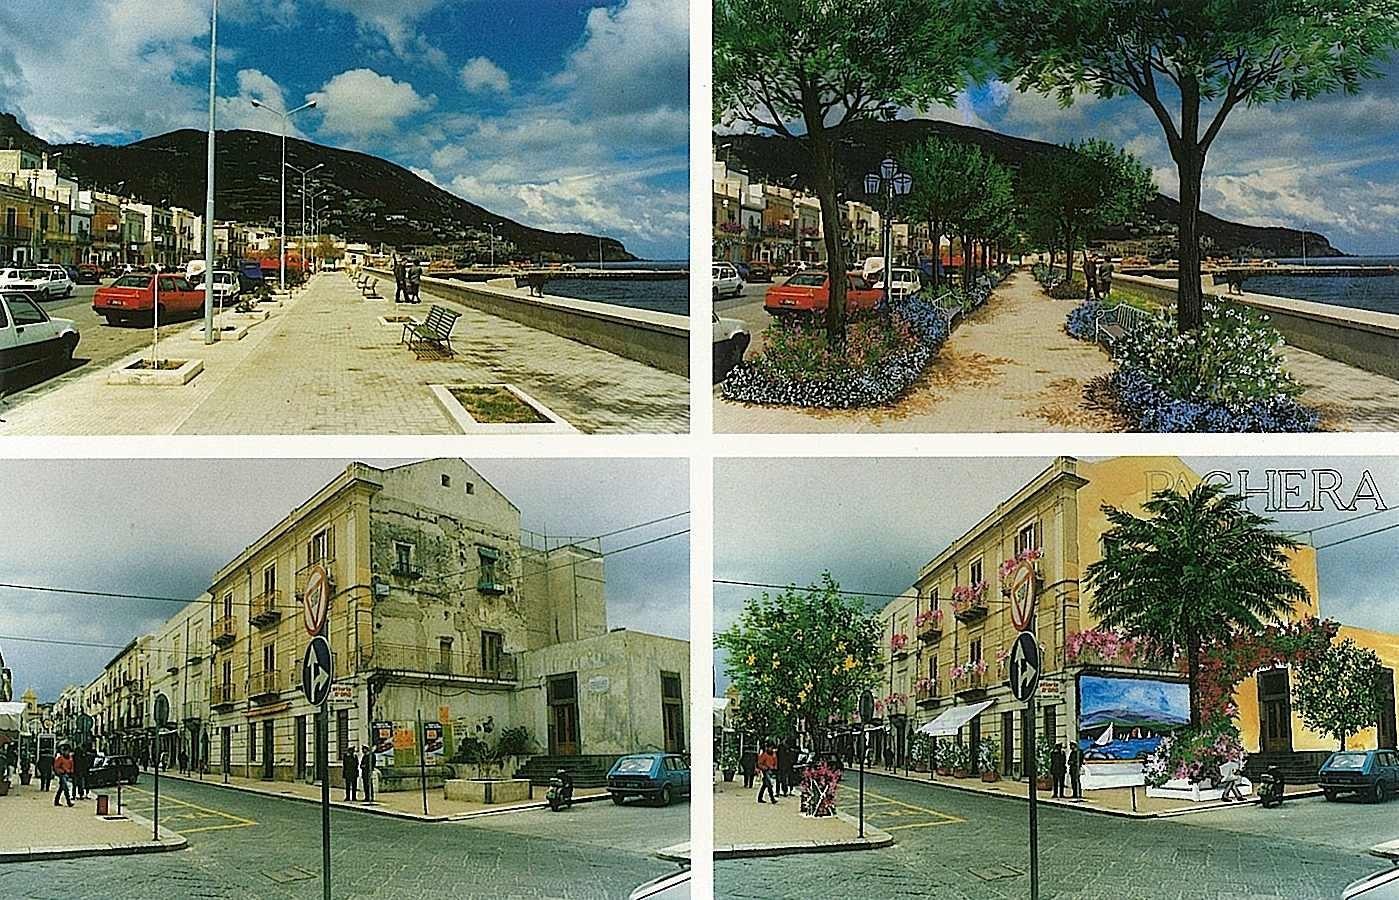 حدائق المركز التاريخي – تاورمينا Taormina - الحدائق والمتنزهات العامة الخضراء